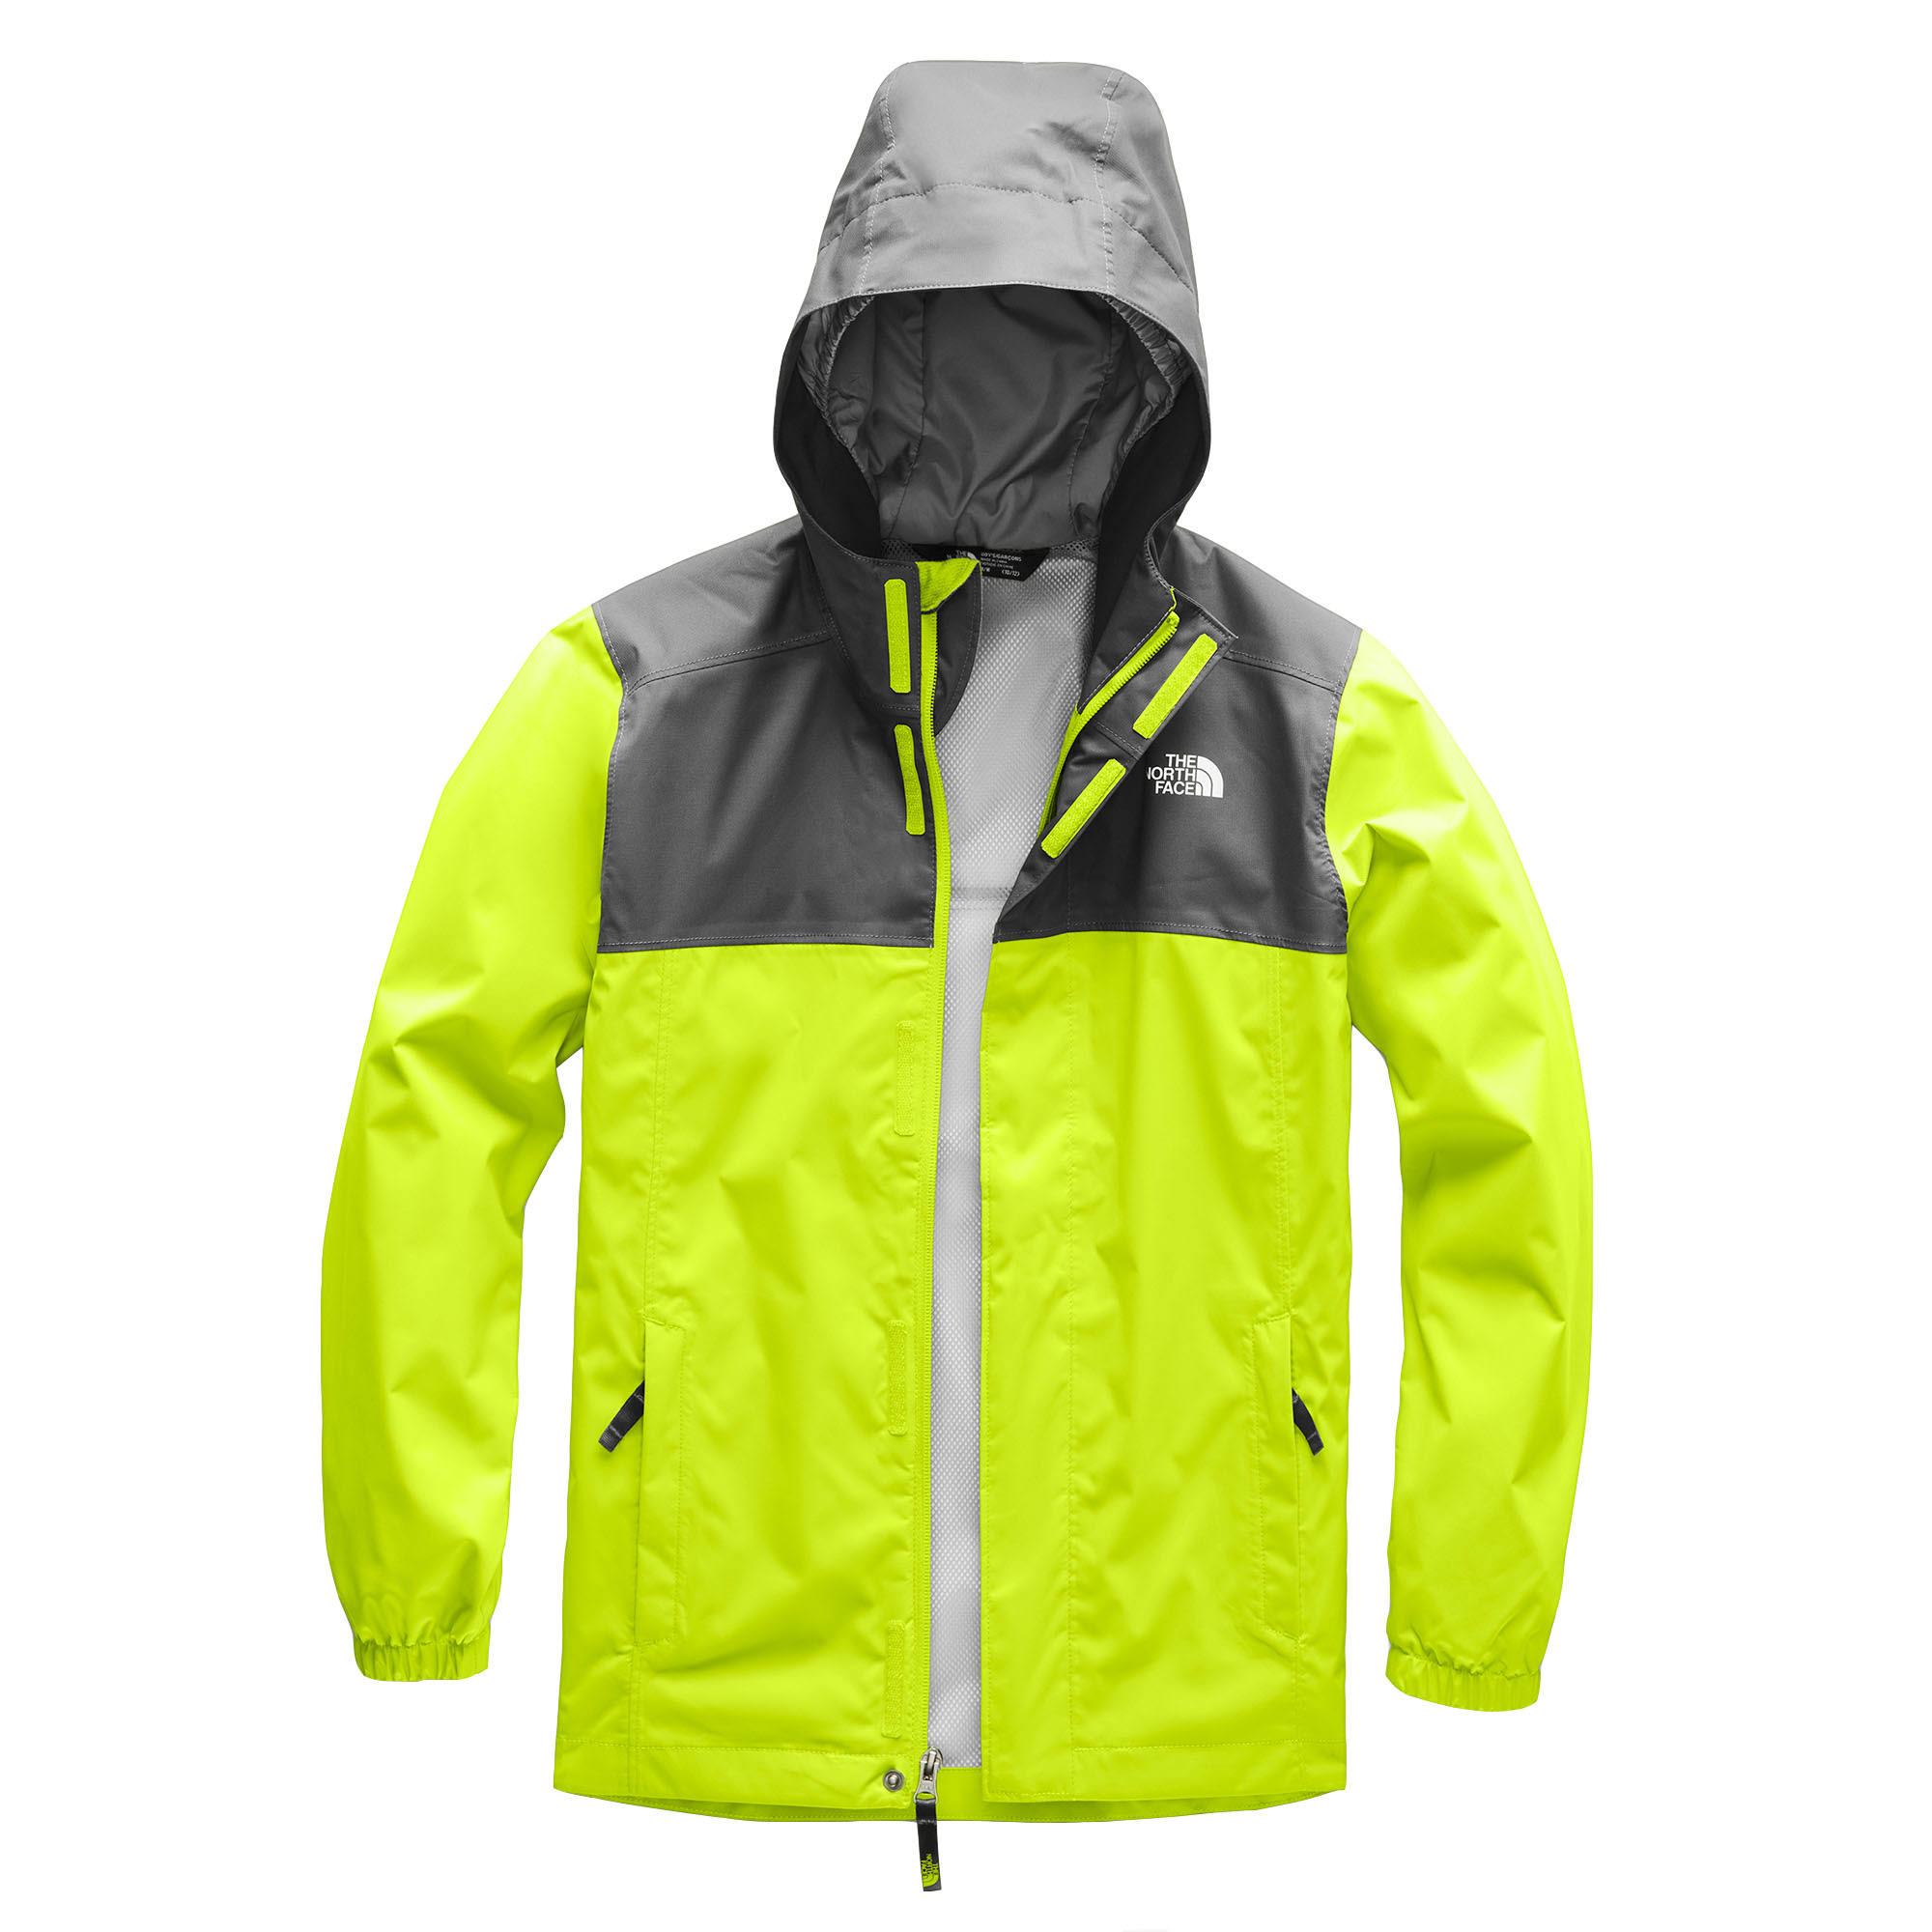 Jungen Für North Face Jacket Grün Reflective Die Von Resolve wq0ffA